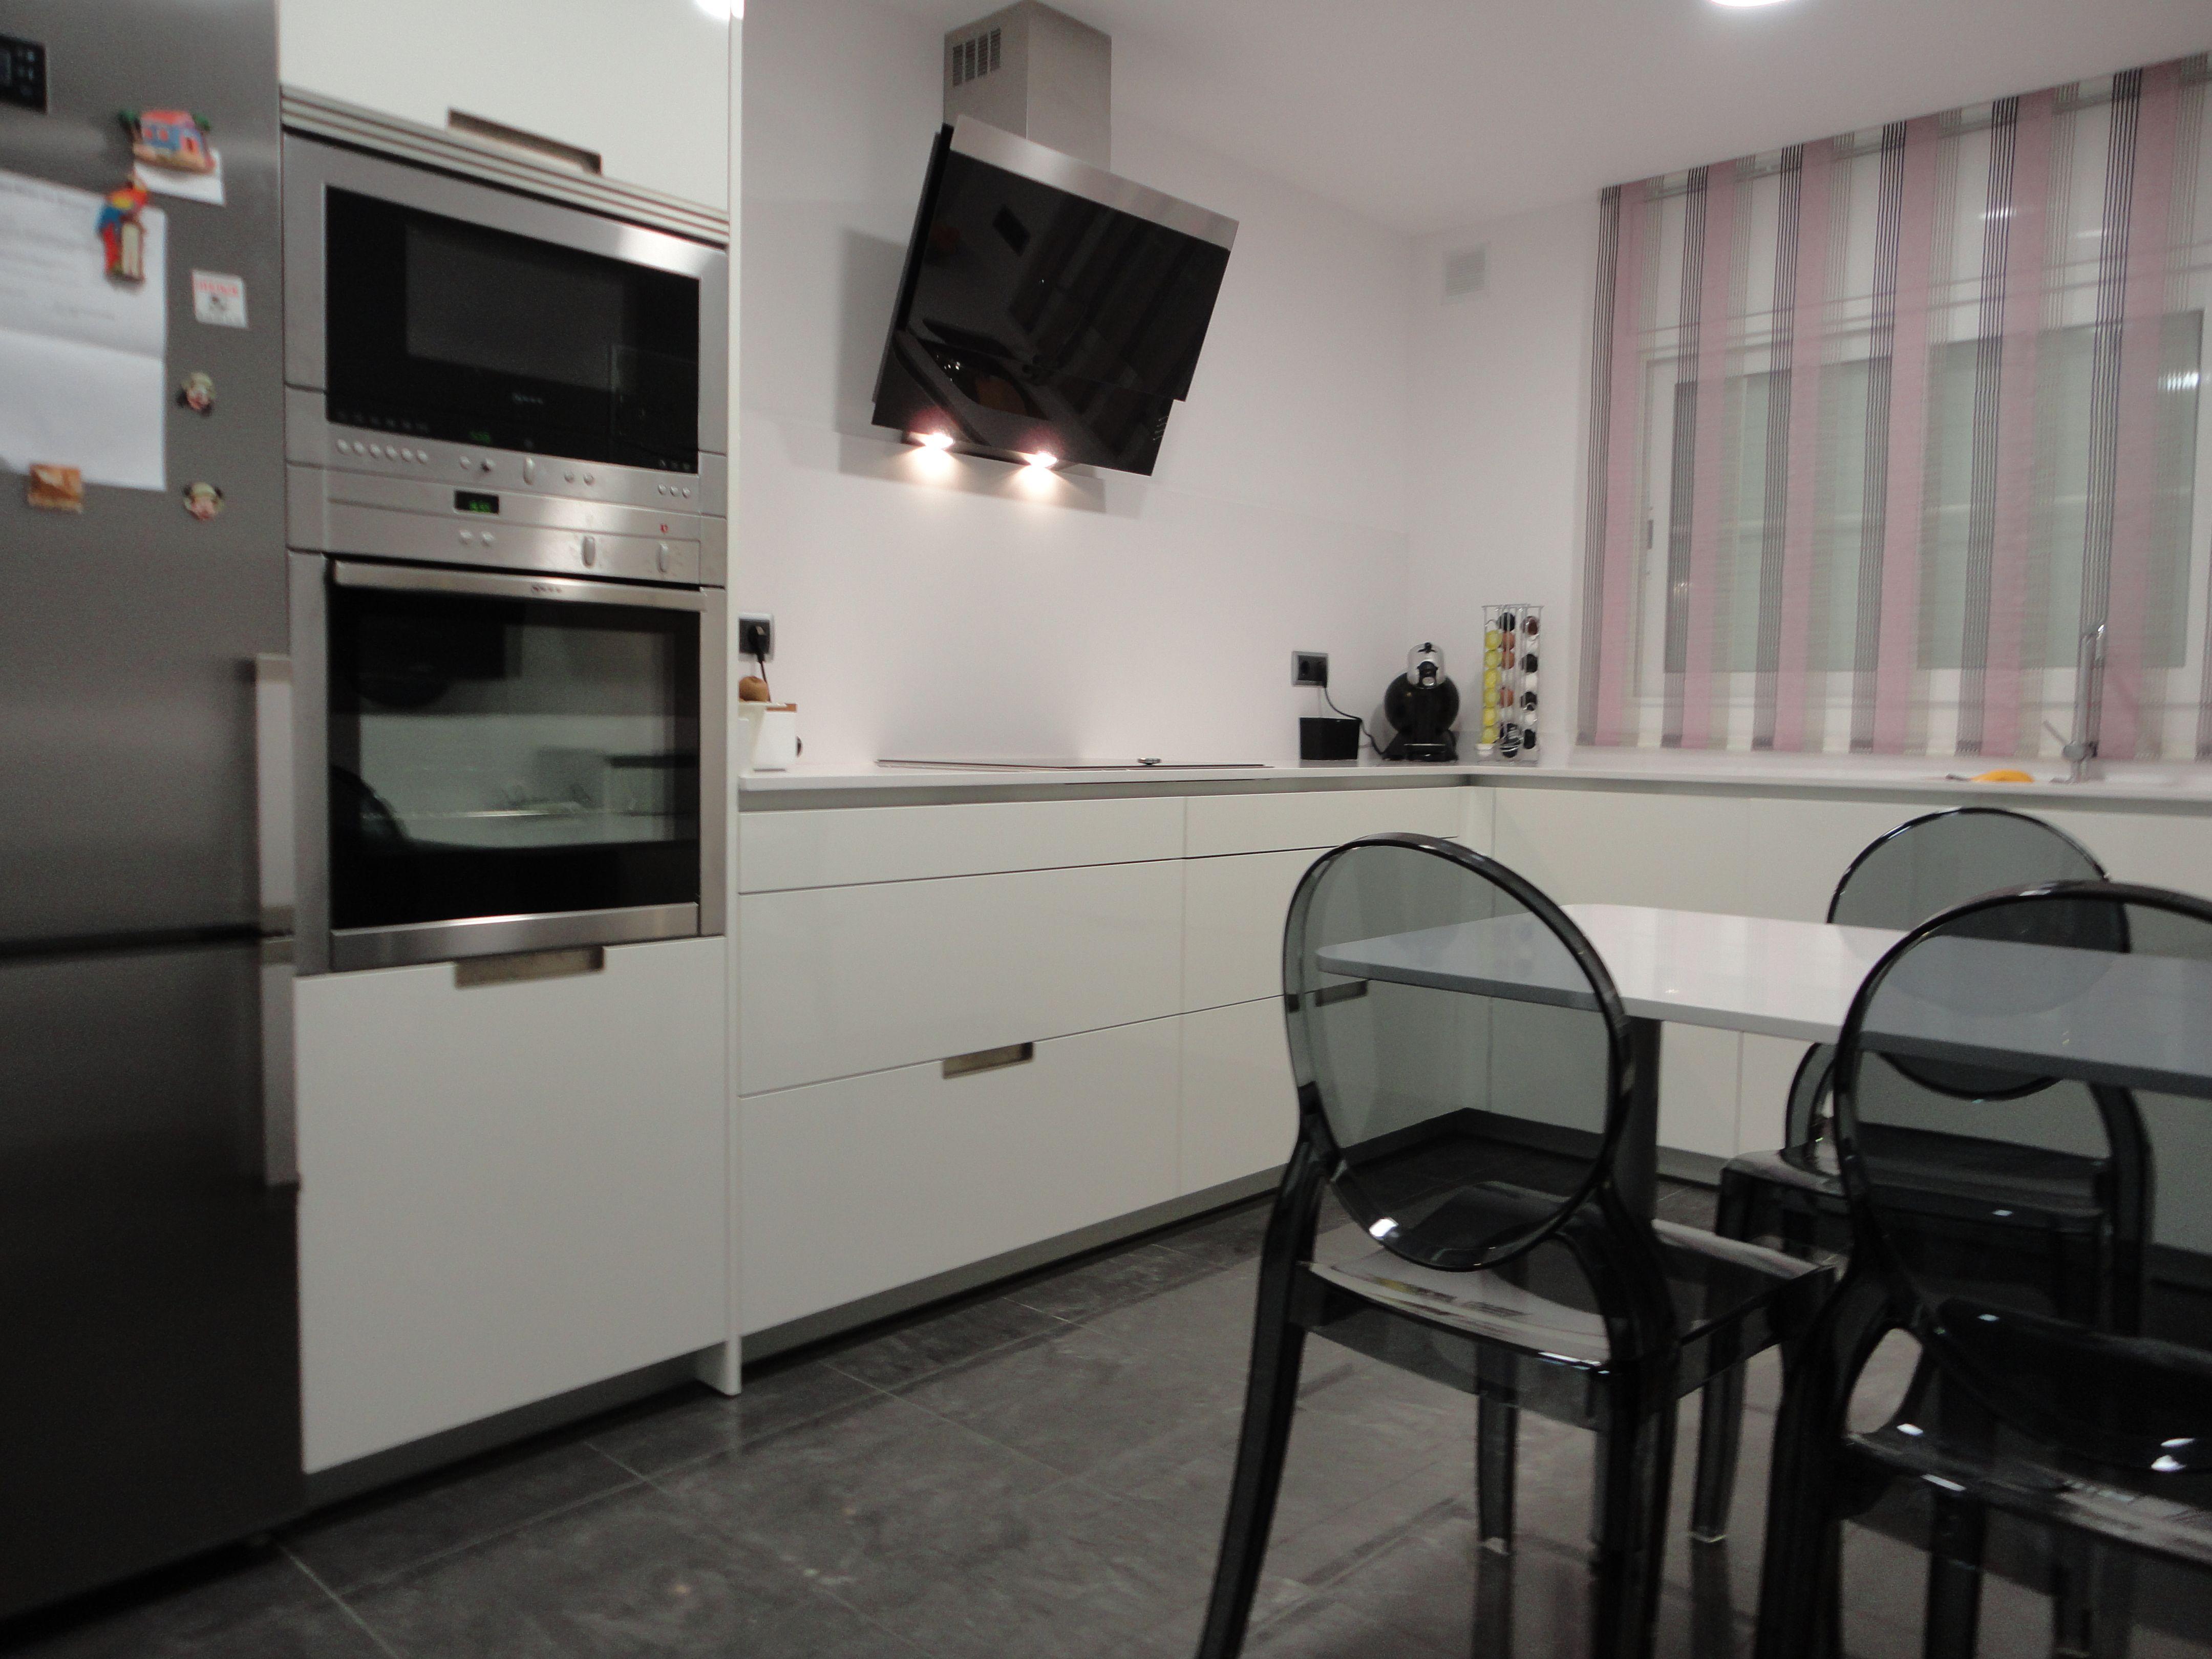 Reforma cocina m o mobiliario santos minos l blanco - Cocinas con campanas decorativas ...